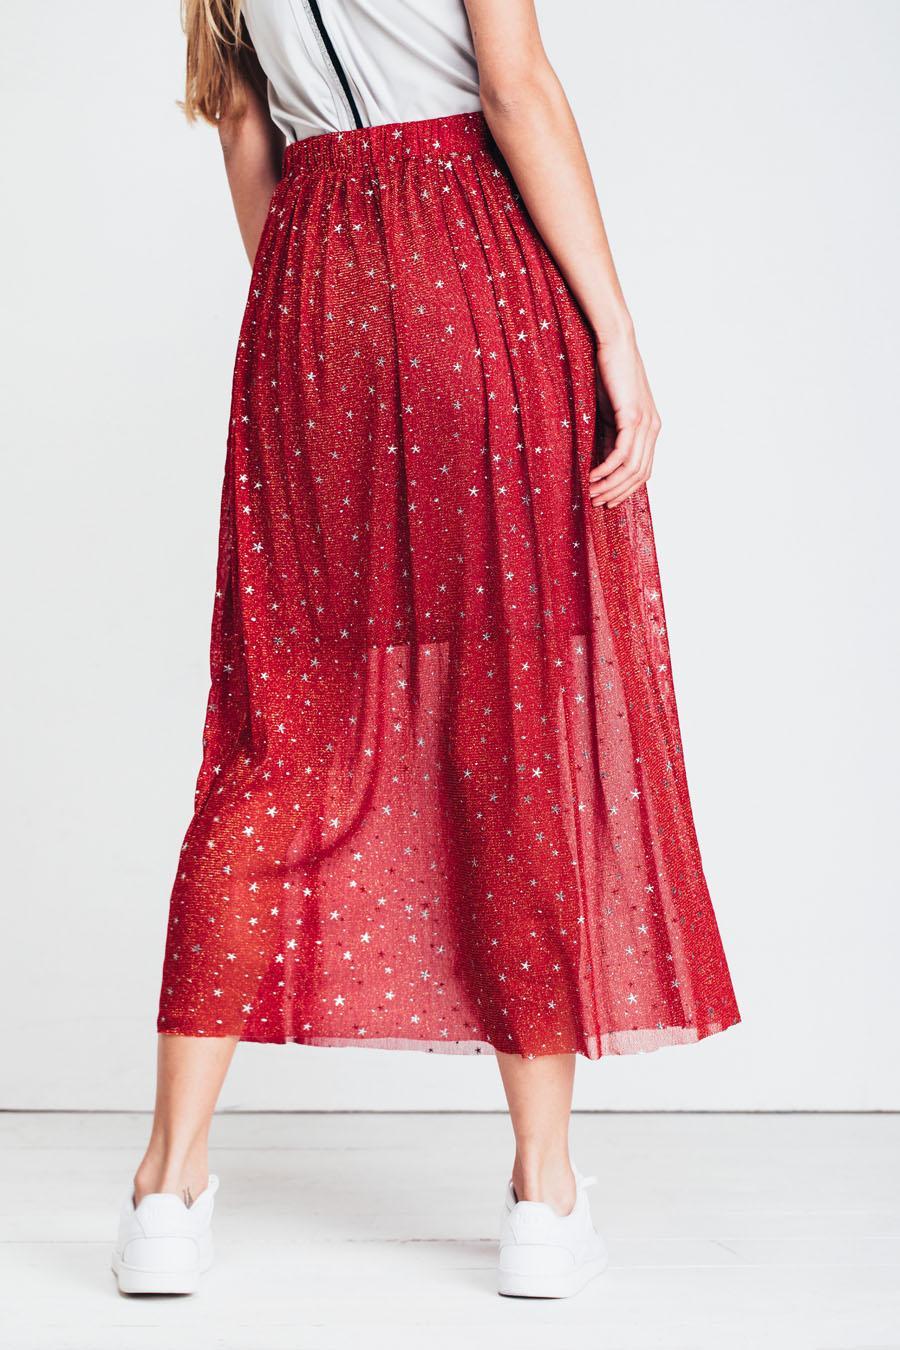 jagger zenska suknja kolekcija prolece leto 2021 ss 2021 kupi online jg 5513 20 3